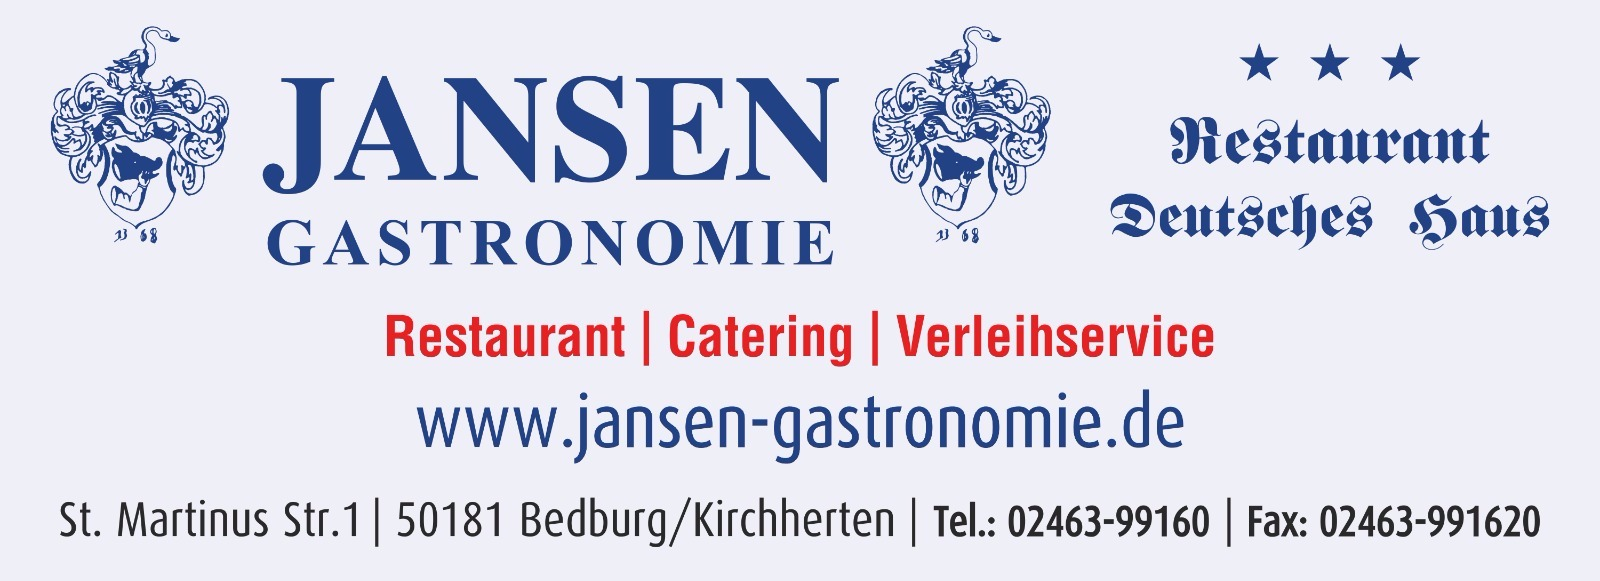 JANSEN Gastronomie